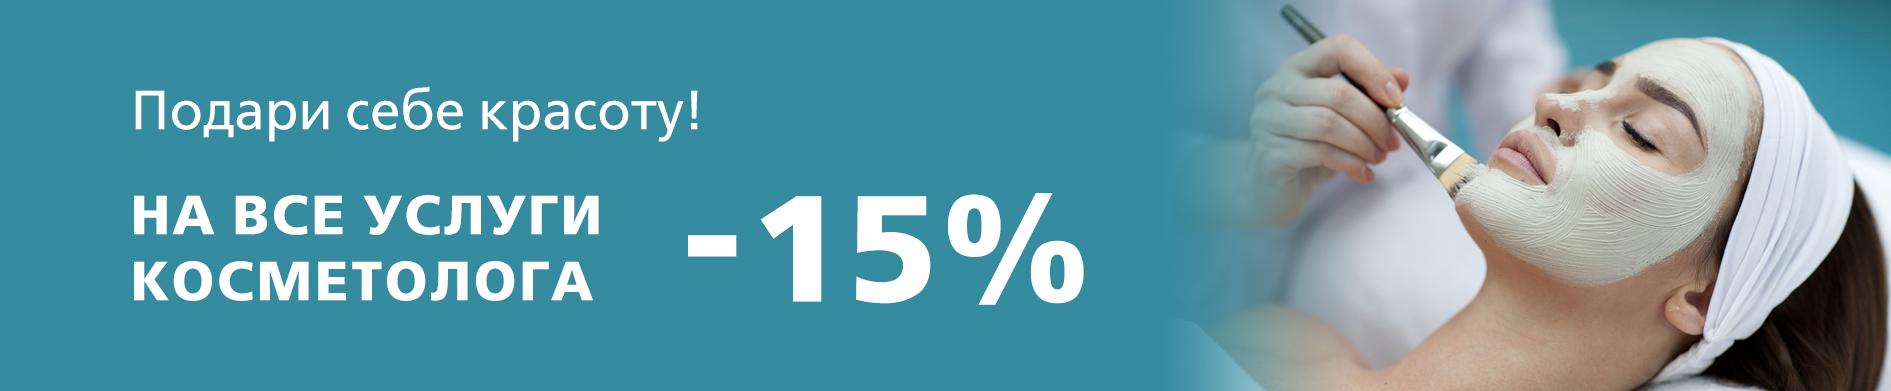 Скидка 15% на все услуги косметолога